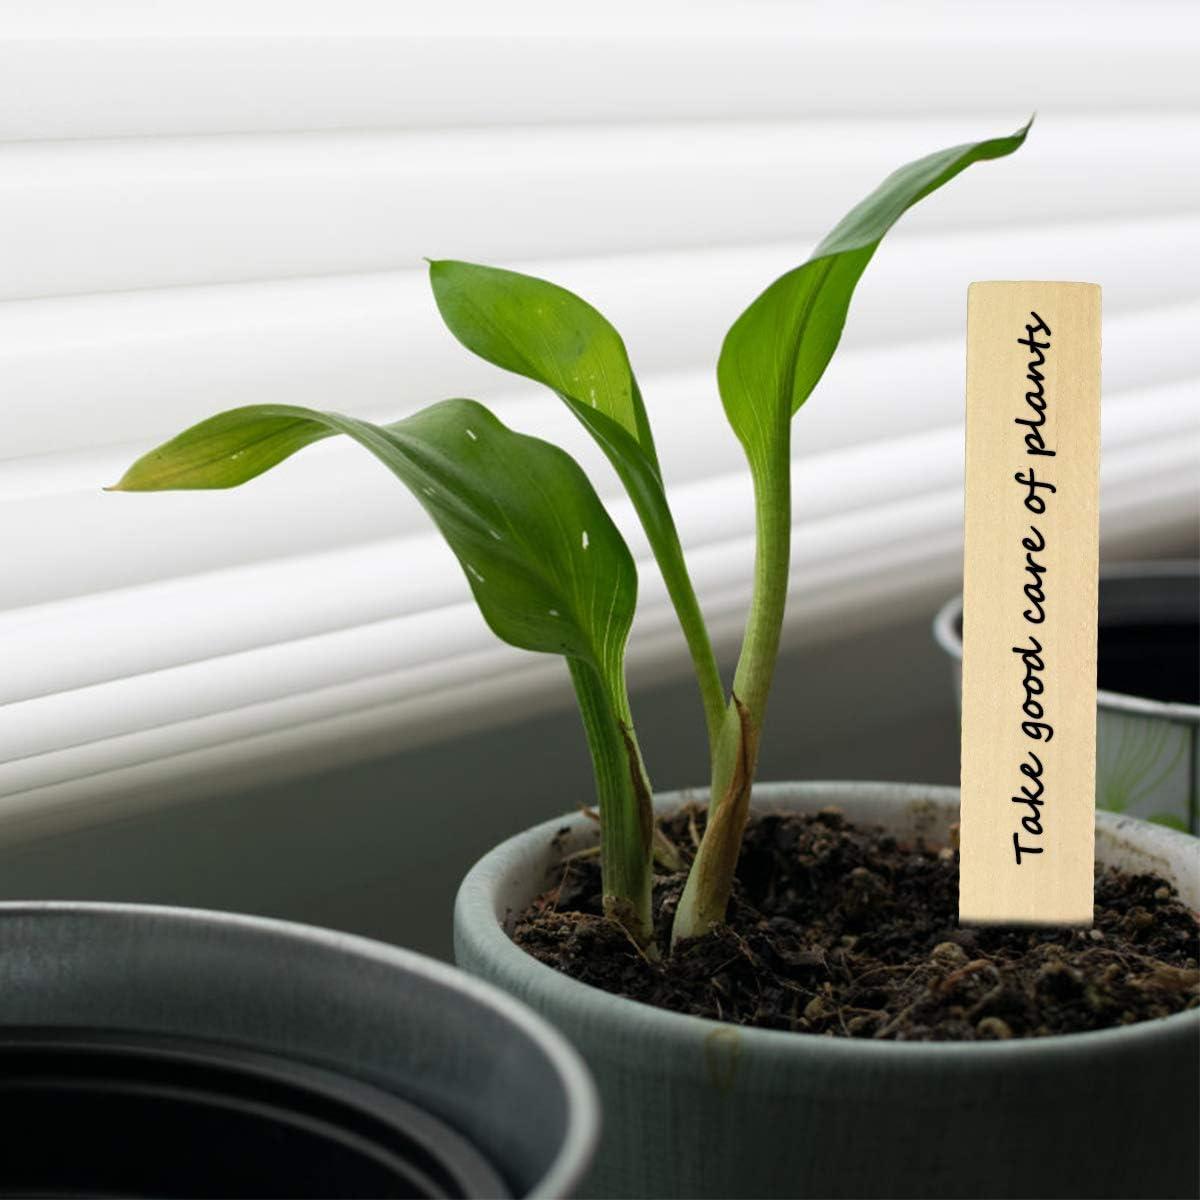 50pcs Etiquetas de Plantas de Madera Grandes Etiquetas de Jard/ín para Plantas Impermeables Marcadores Plantas para Semillas Hierbas en Macetas Flores Verduras 6 x 0.8 Pulgadas